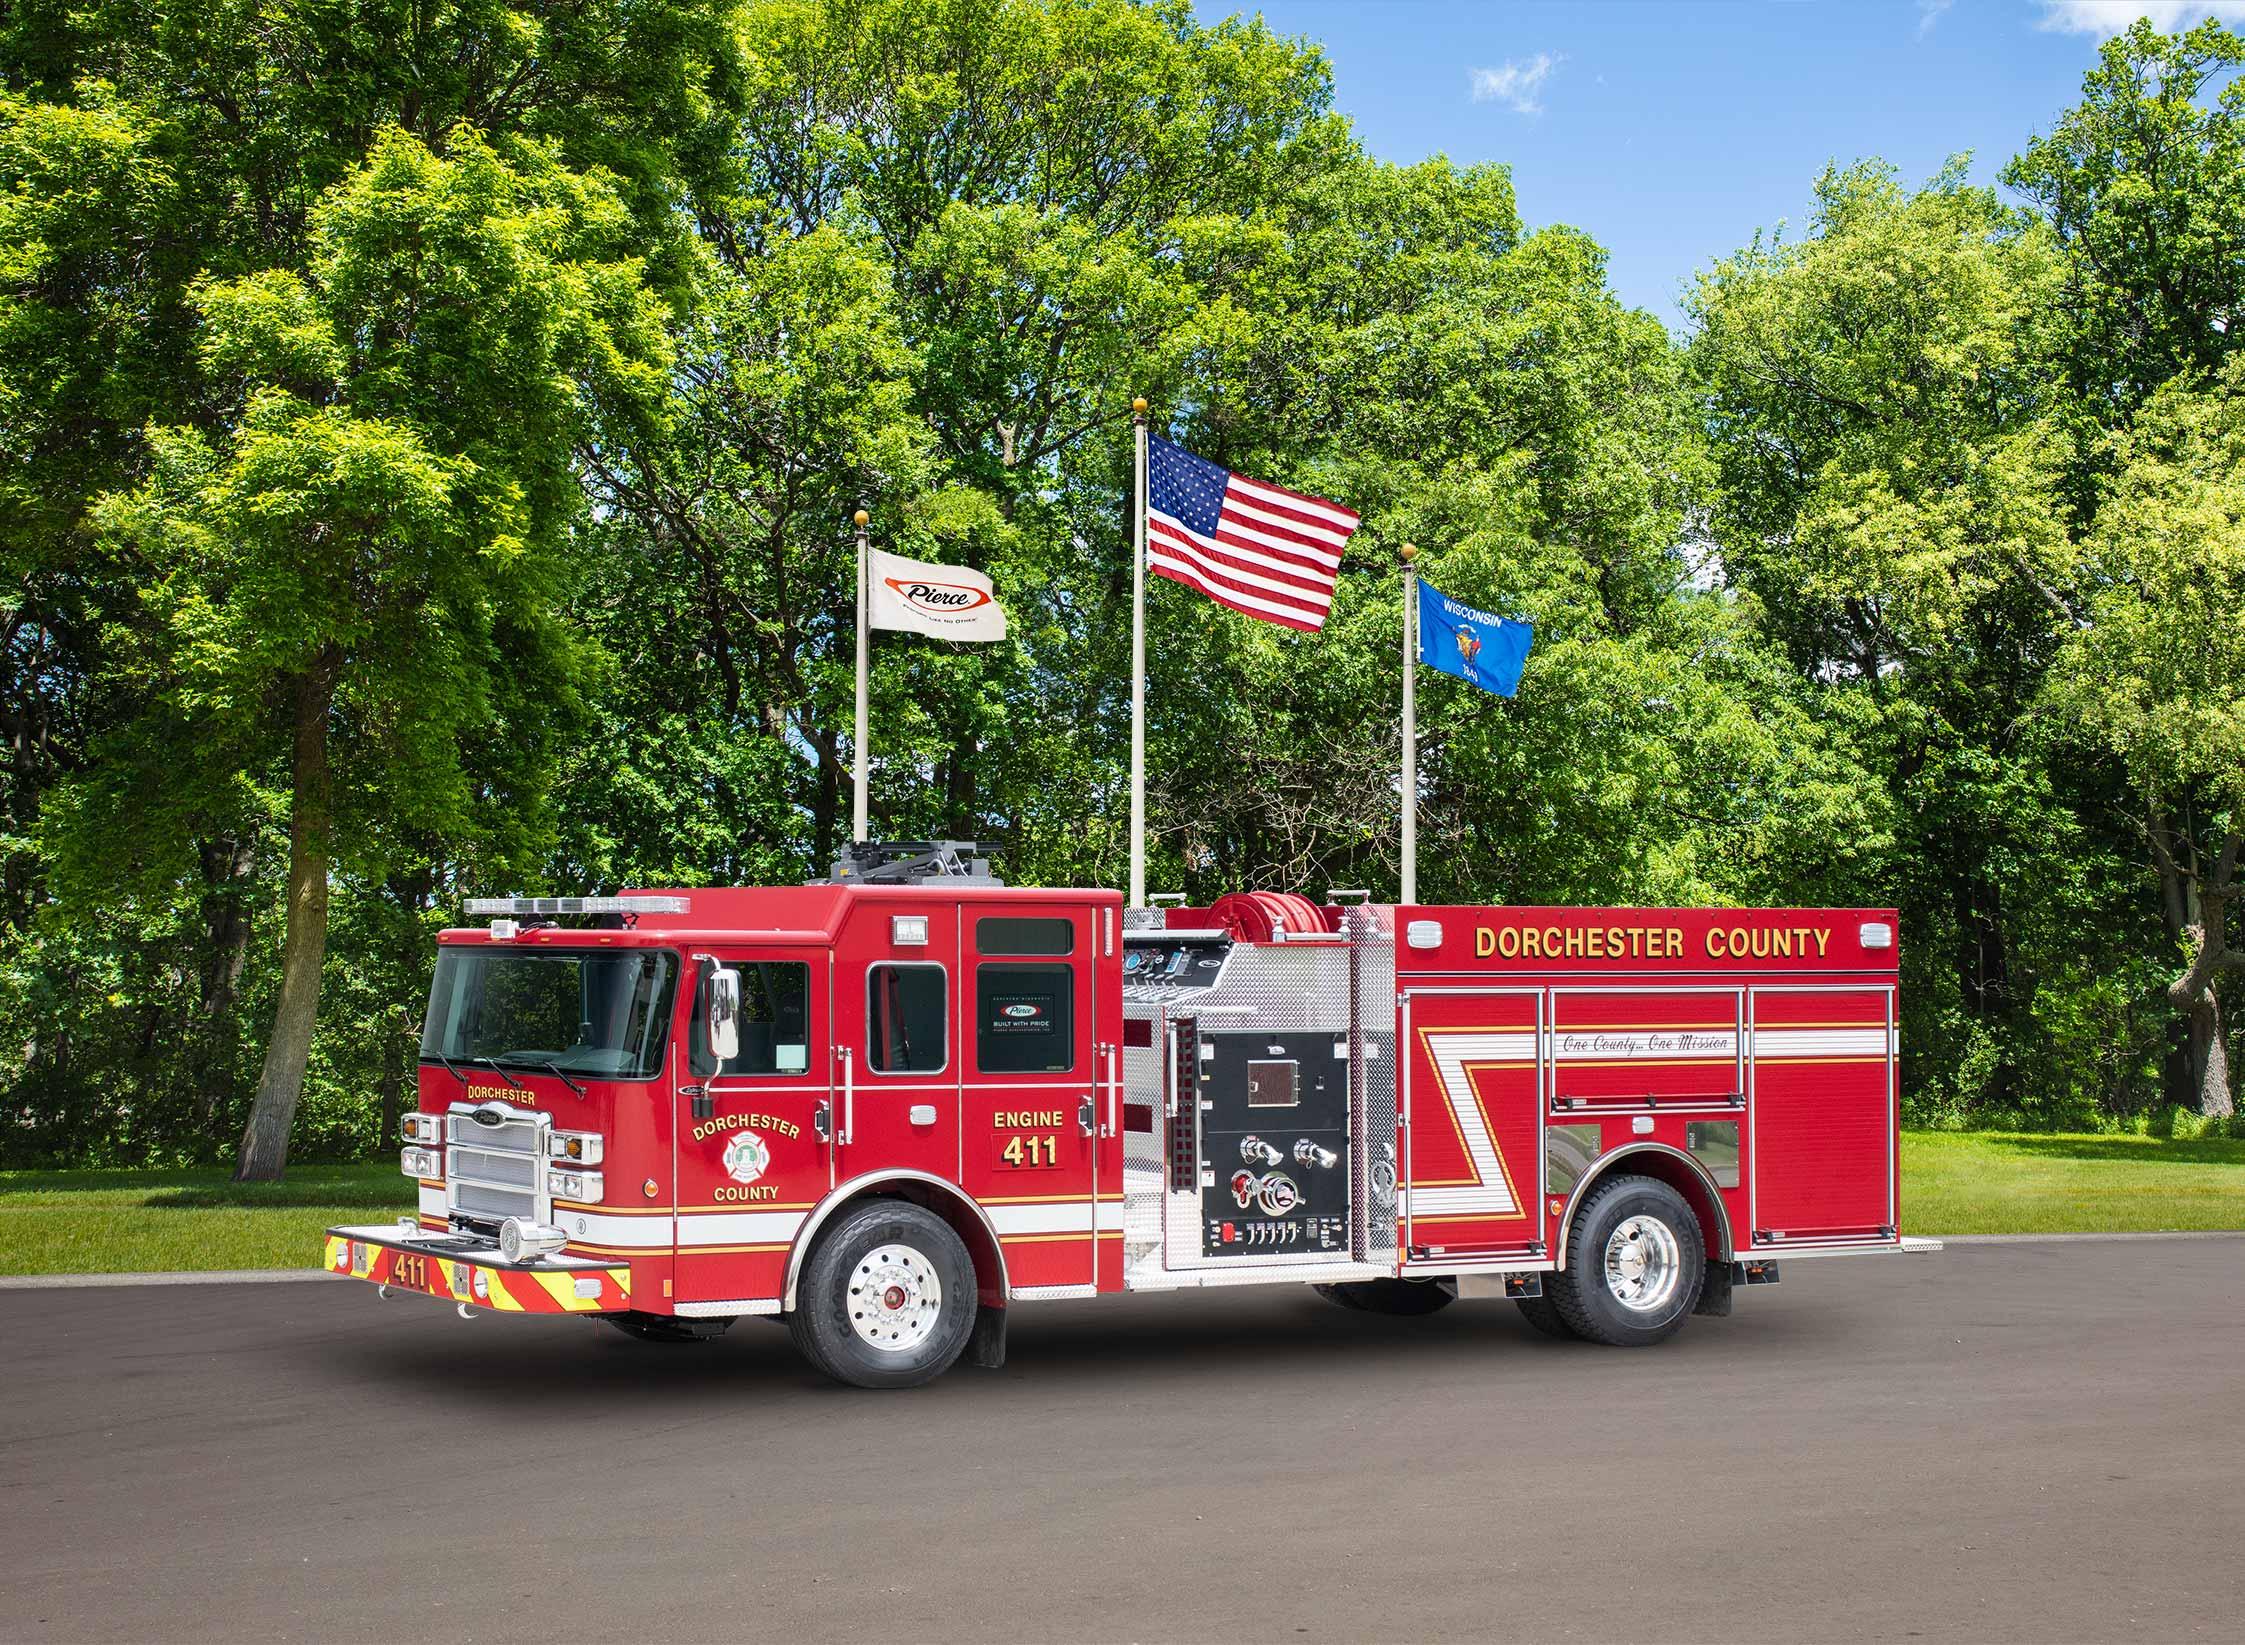 Dorchester County Fire Service - Pumper